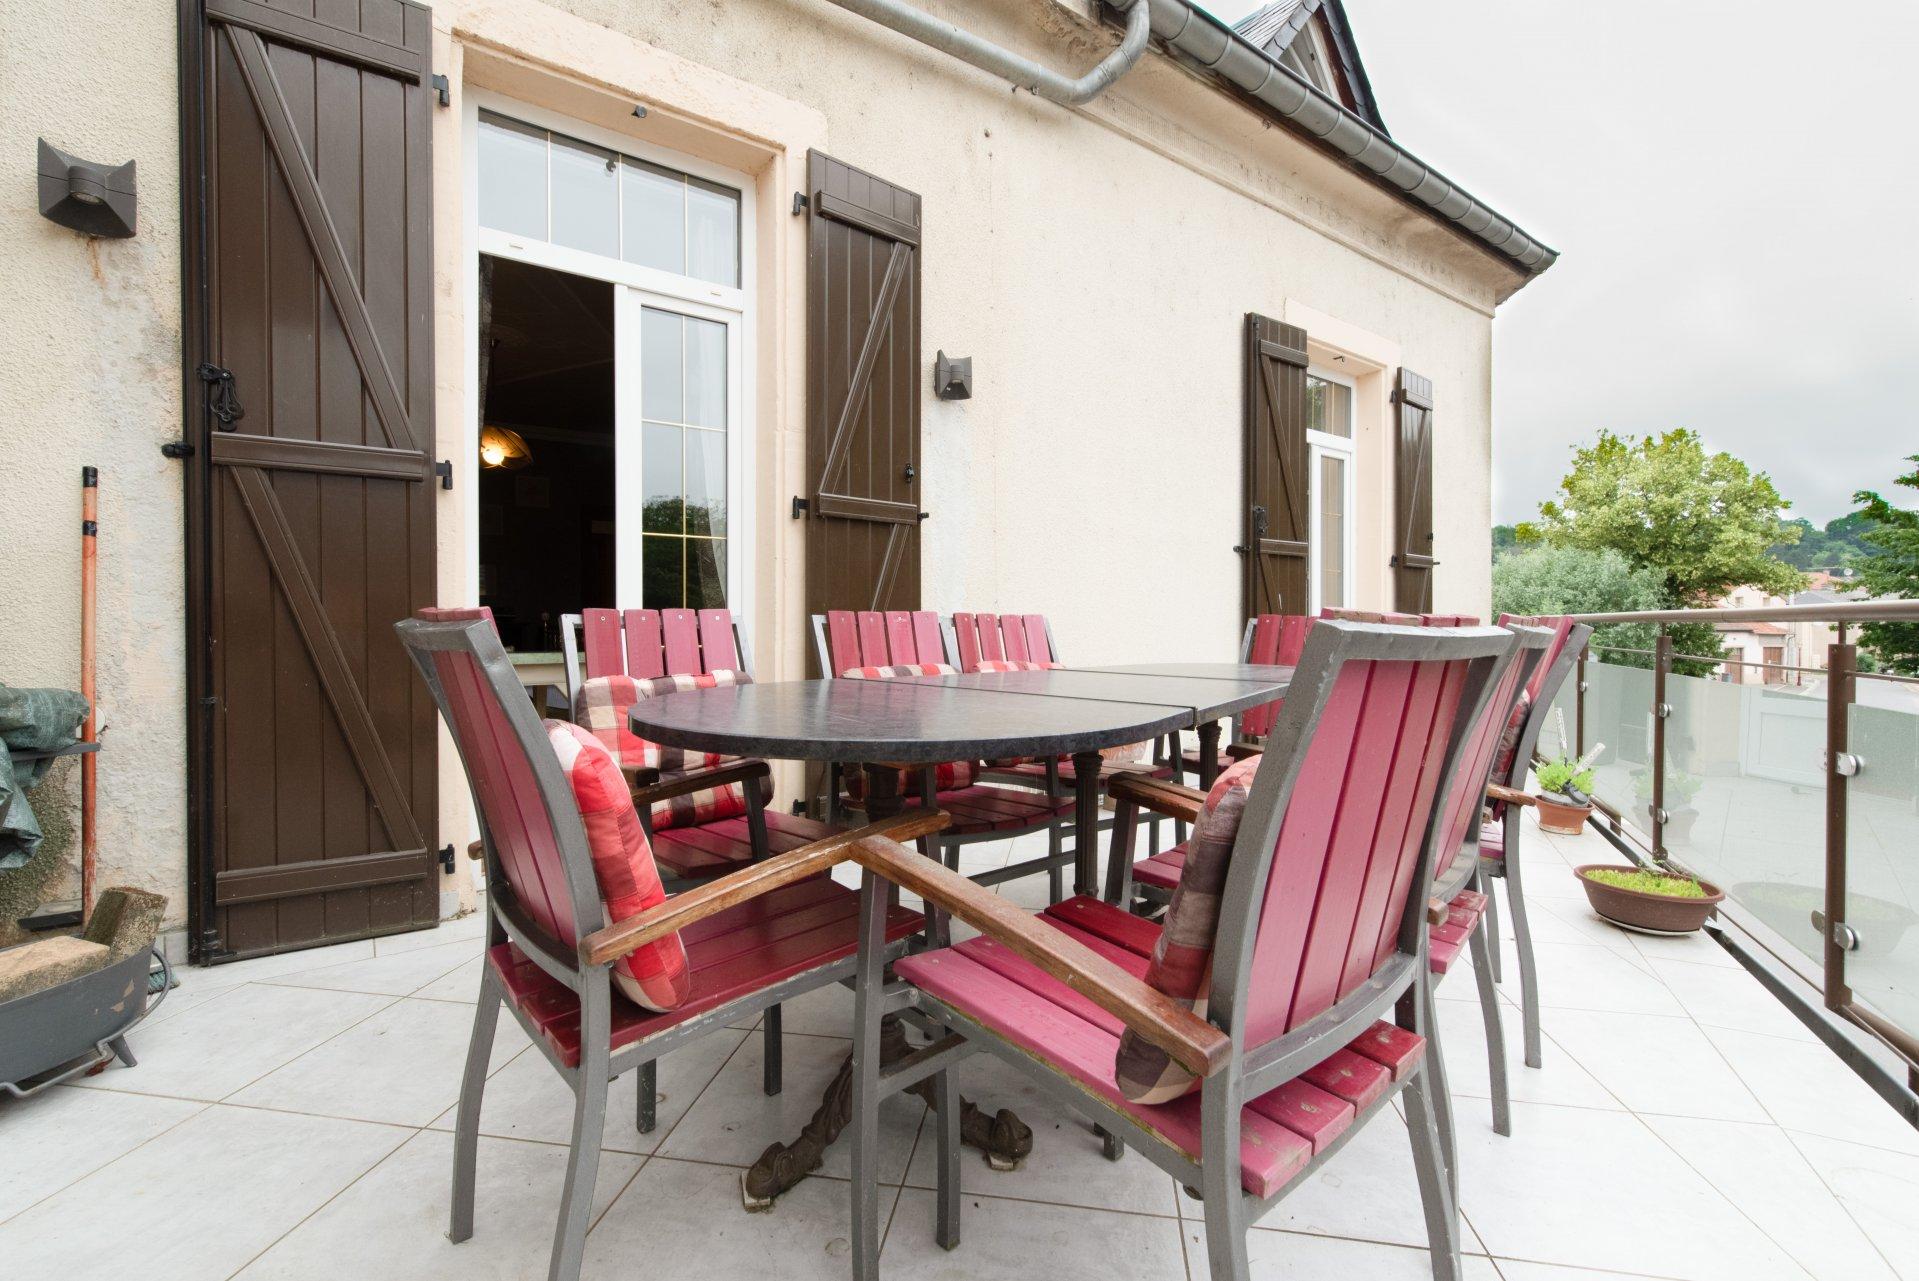 Vente Maison - Puttelange-lès-Thionville